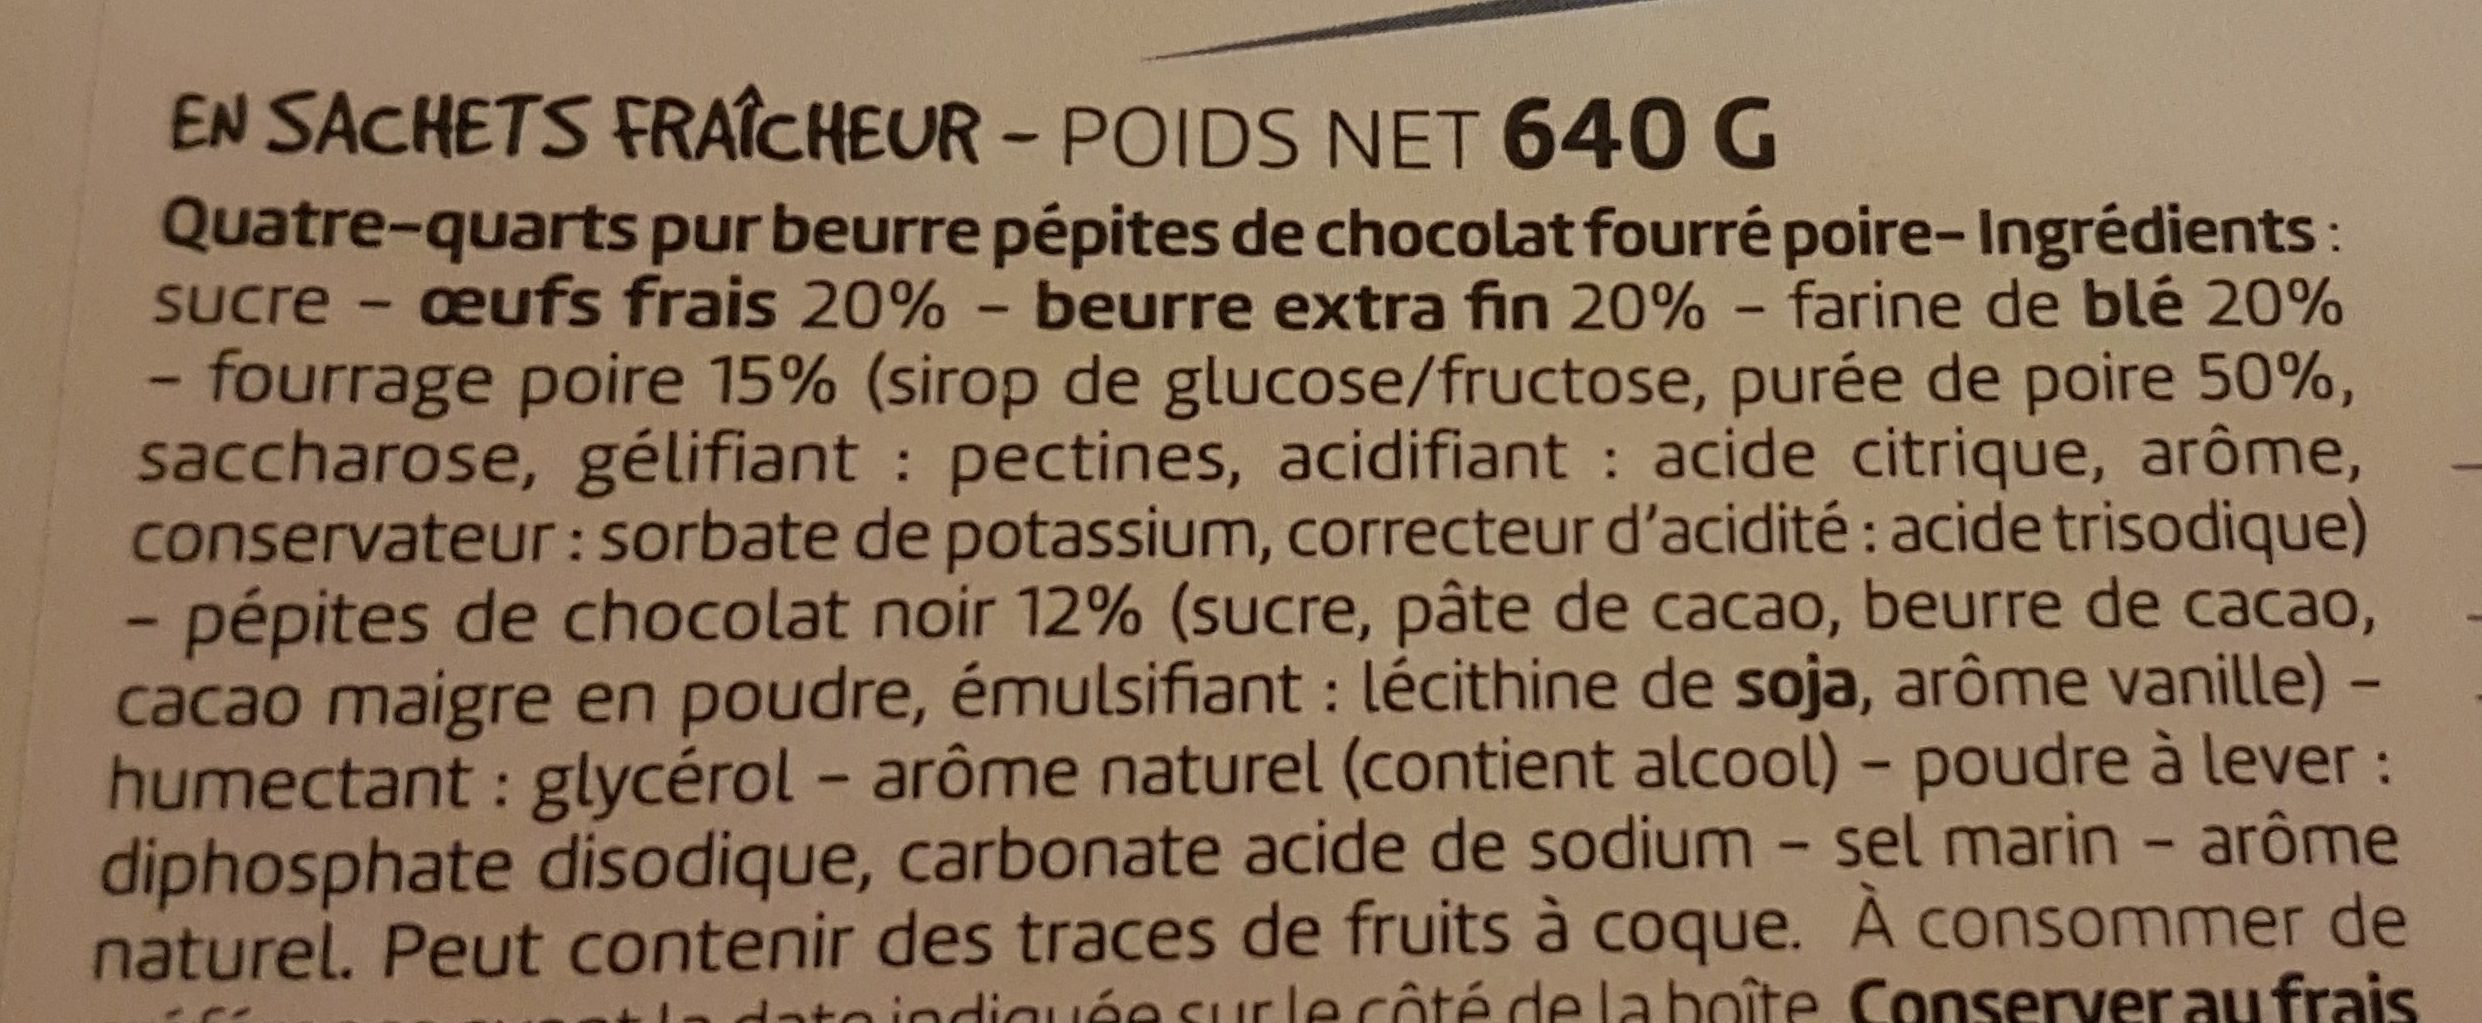 Quatre-quarts poire chocolat - Ingredients